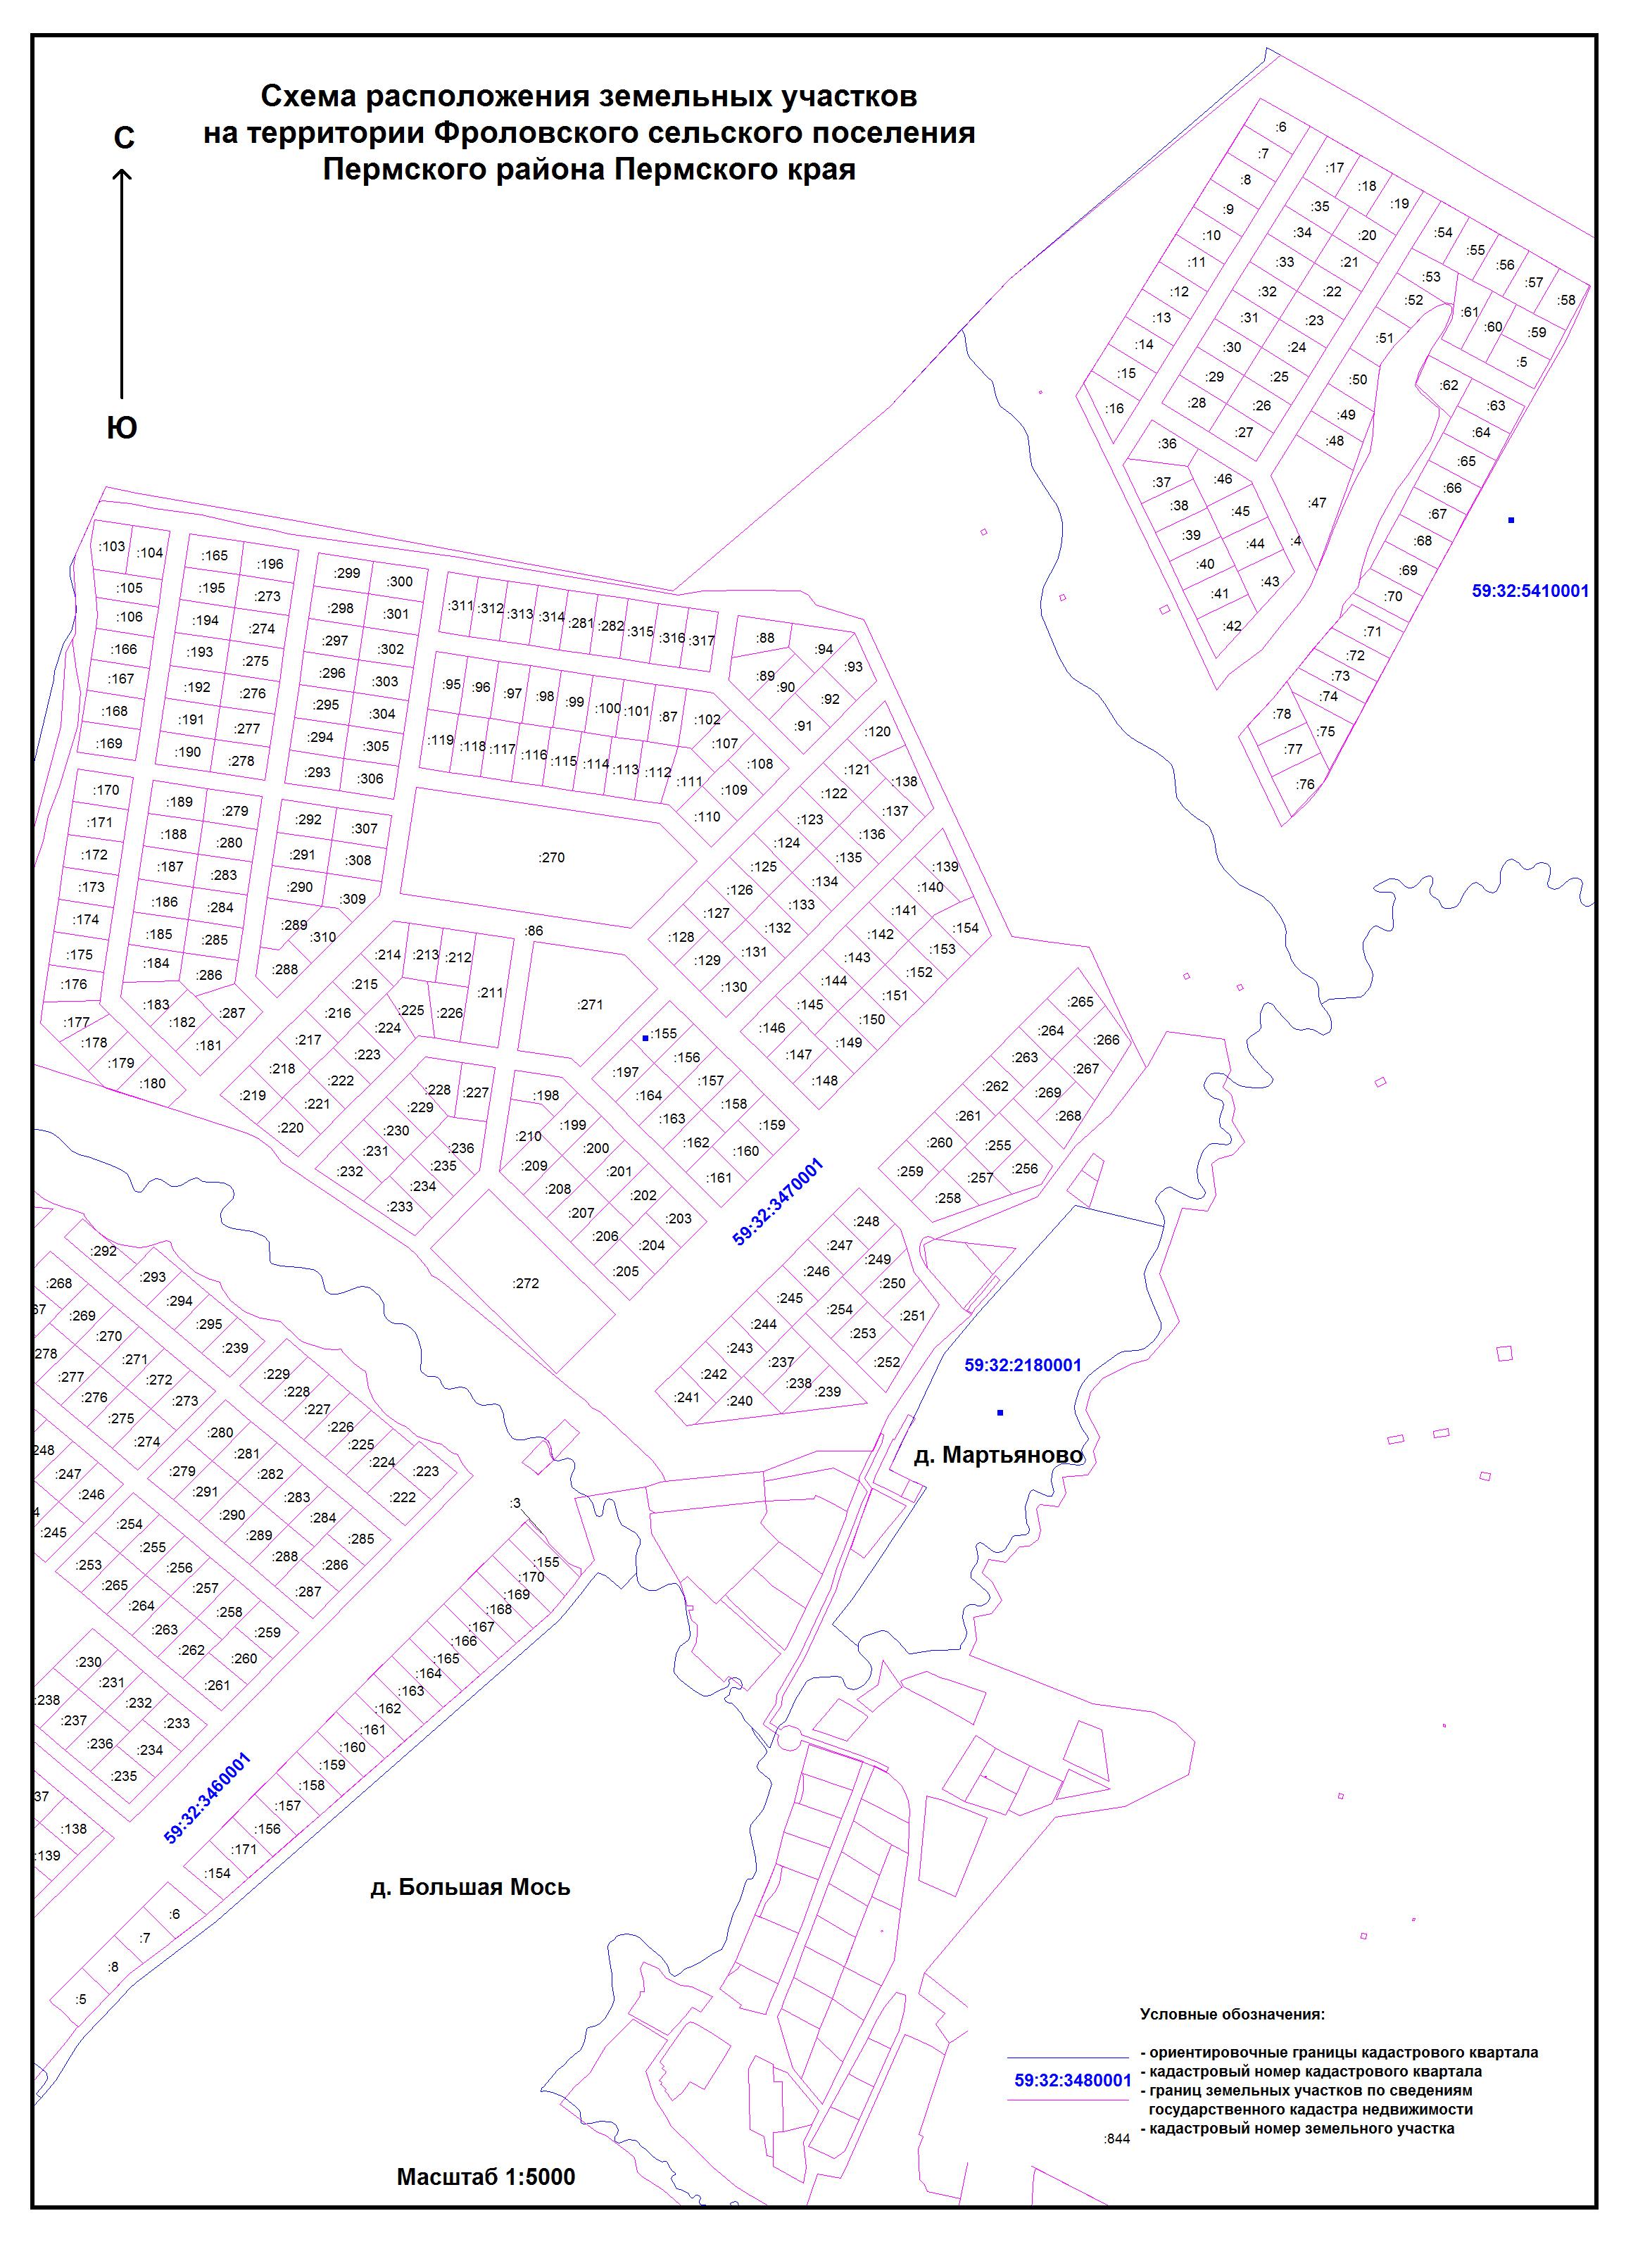 Балаково схема участков